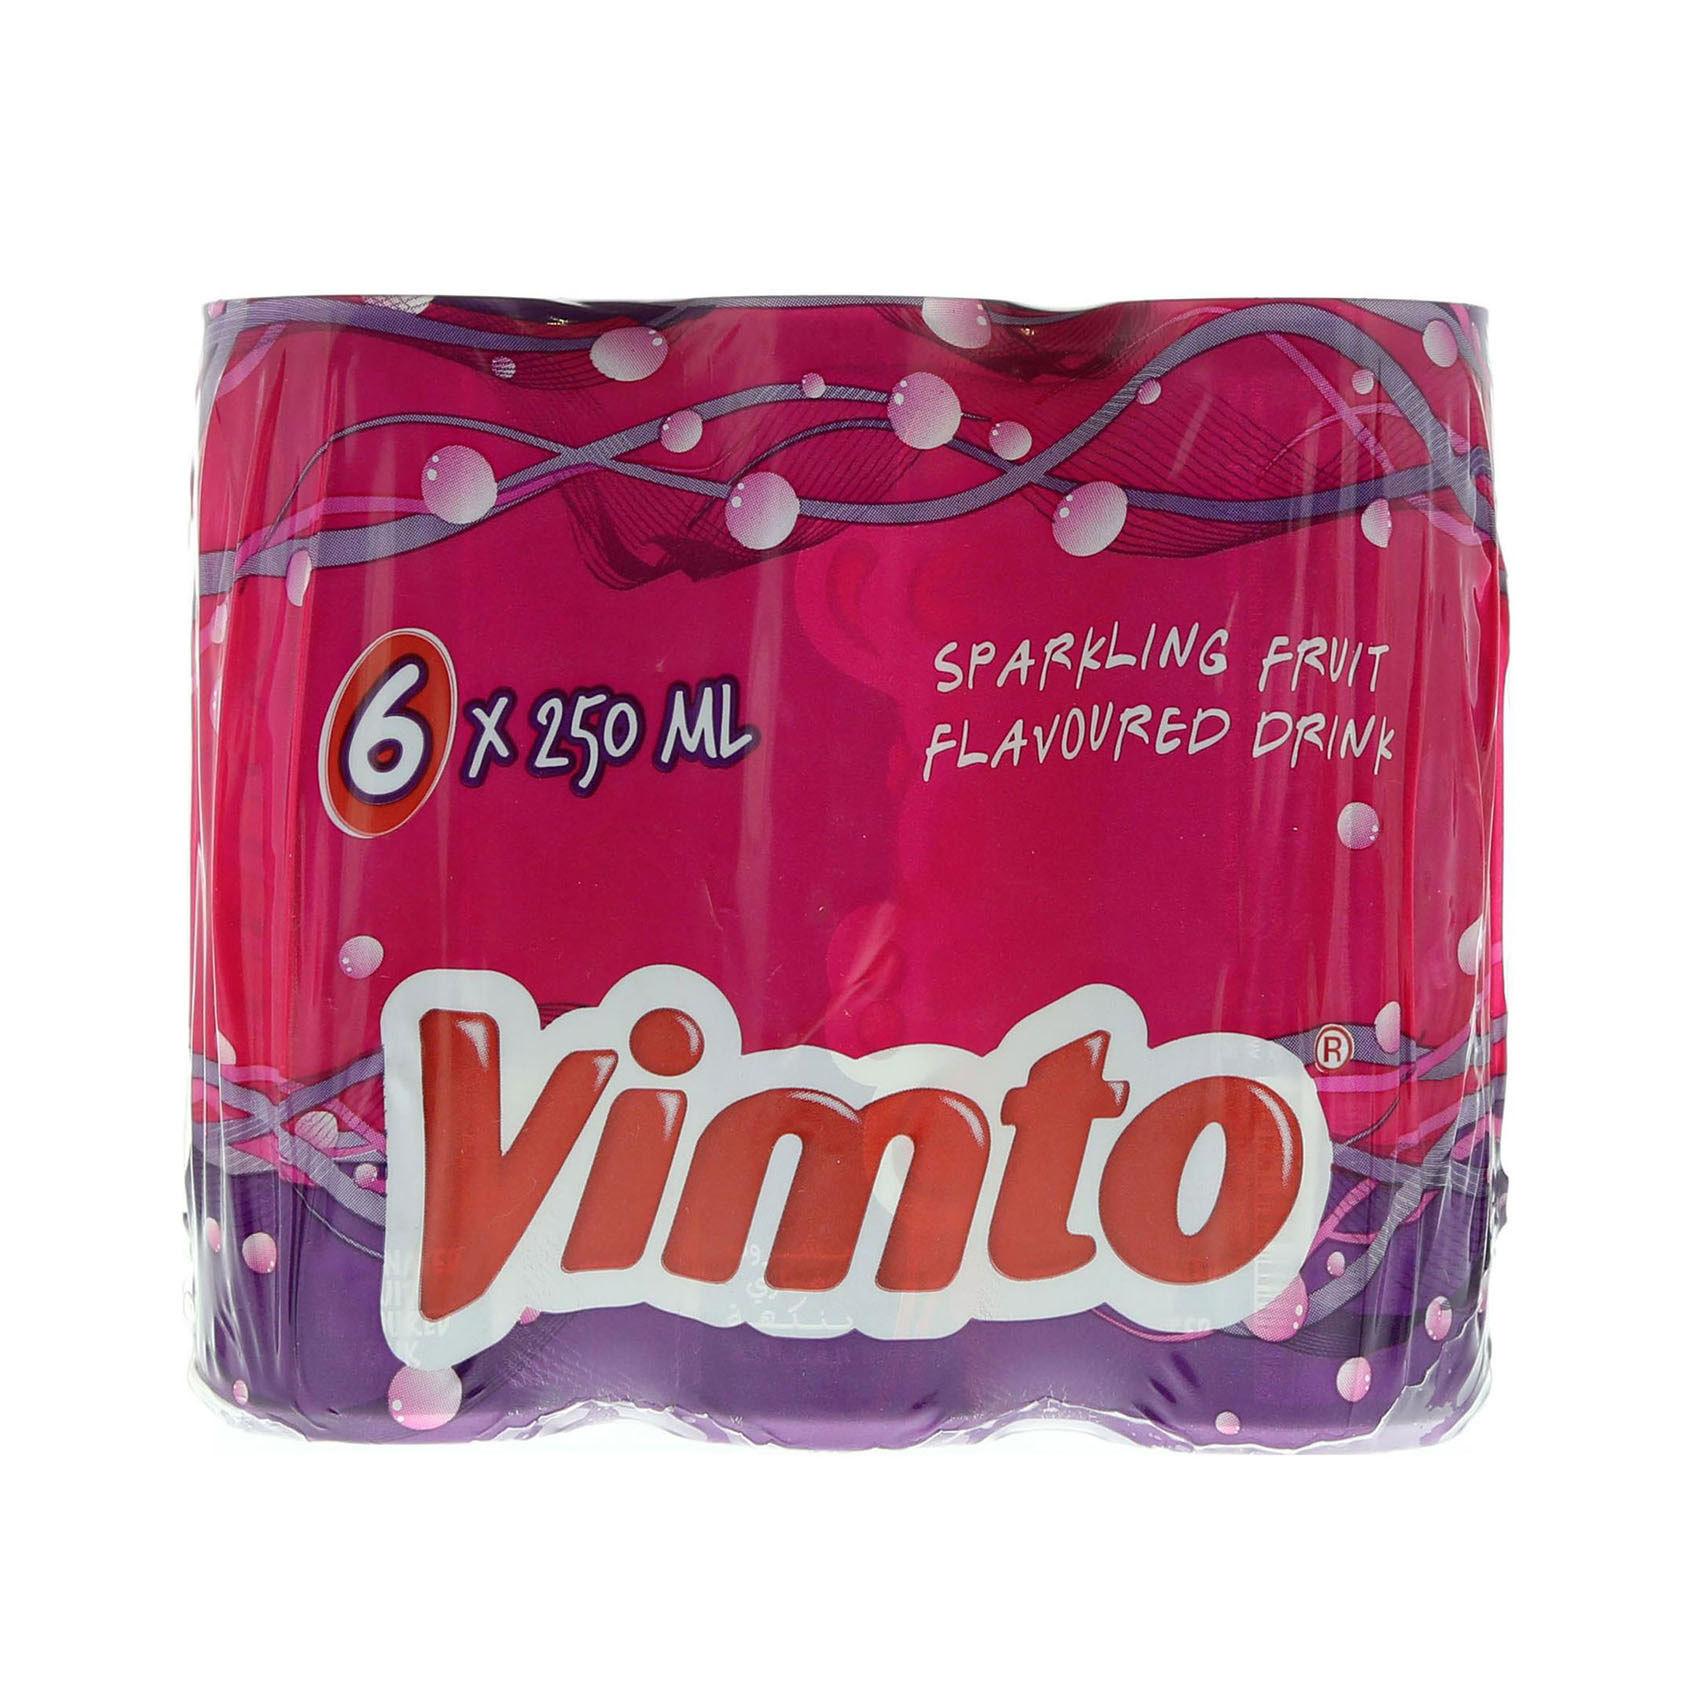 VIMTO FRT FLV.CAN 250MLX6